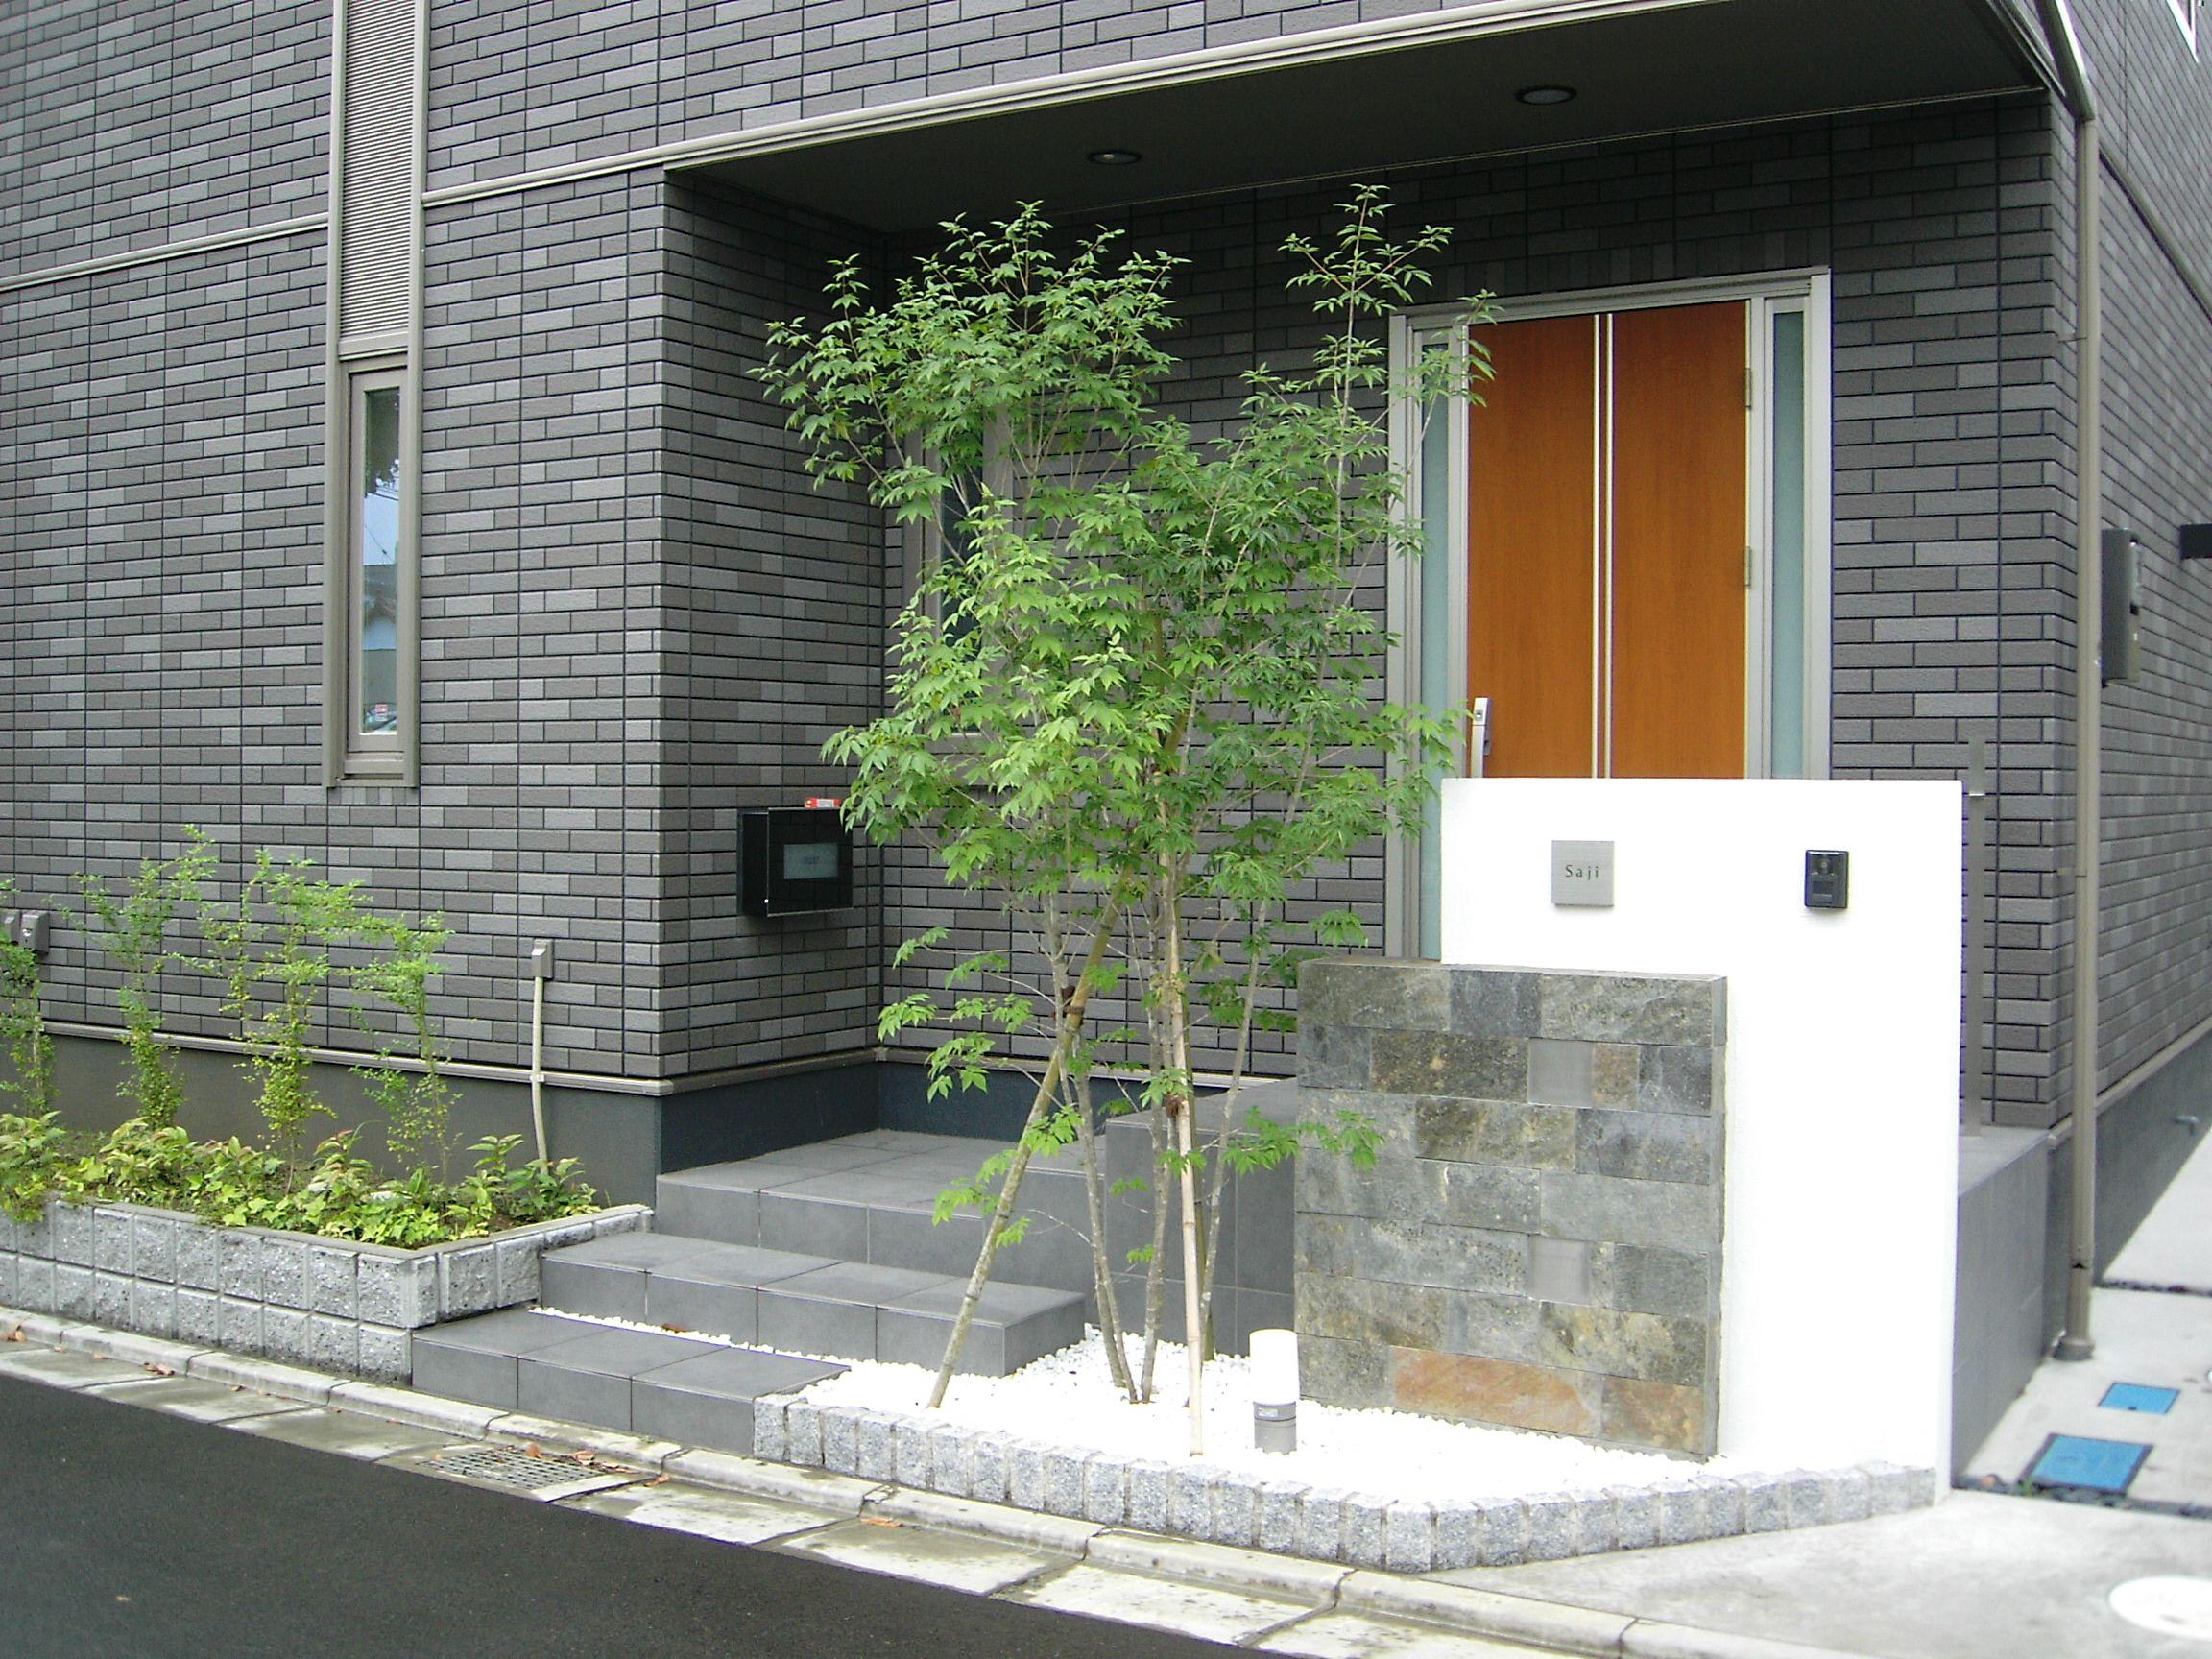 玄関前にシンボルツリーを植えた門まわり 樹木が玄関周りの目隠しに